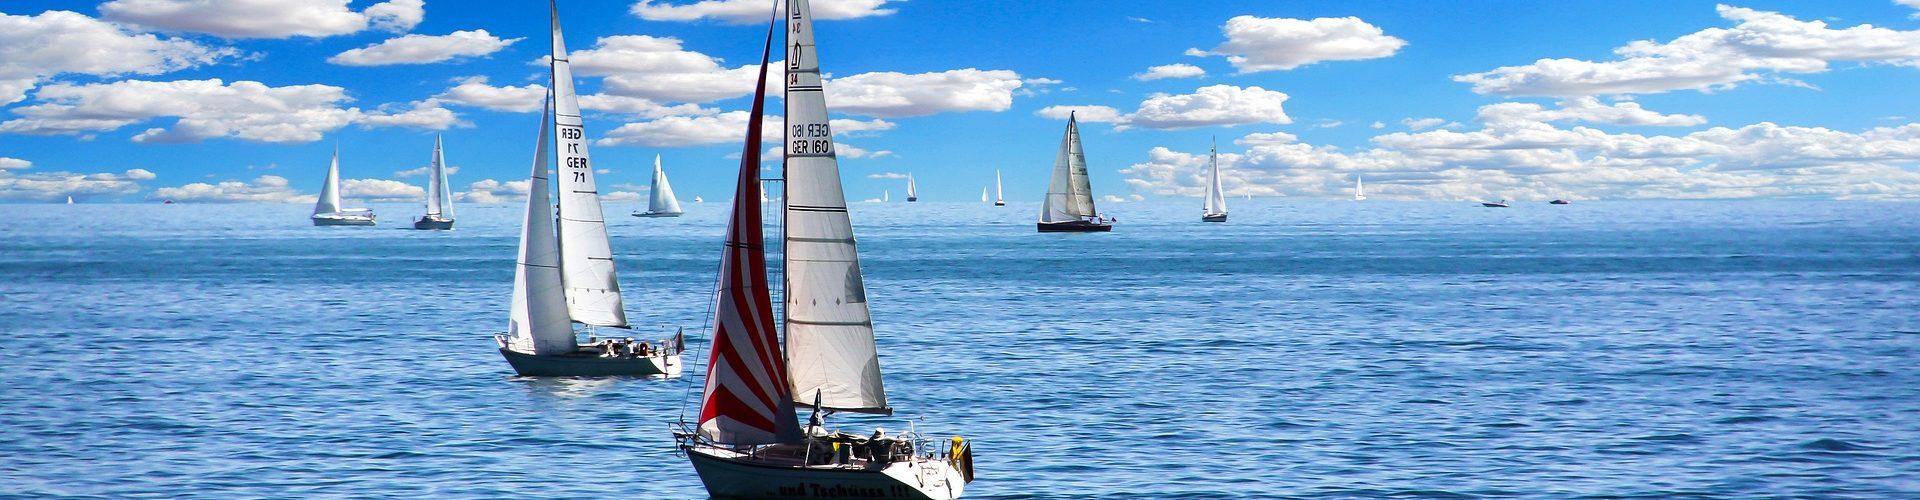 segeln lernen in Niederkrüchten segelschein machen in Niederkrüchten 1920x500 - Segeln lernen in Niederkrüchten